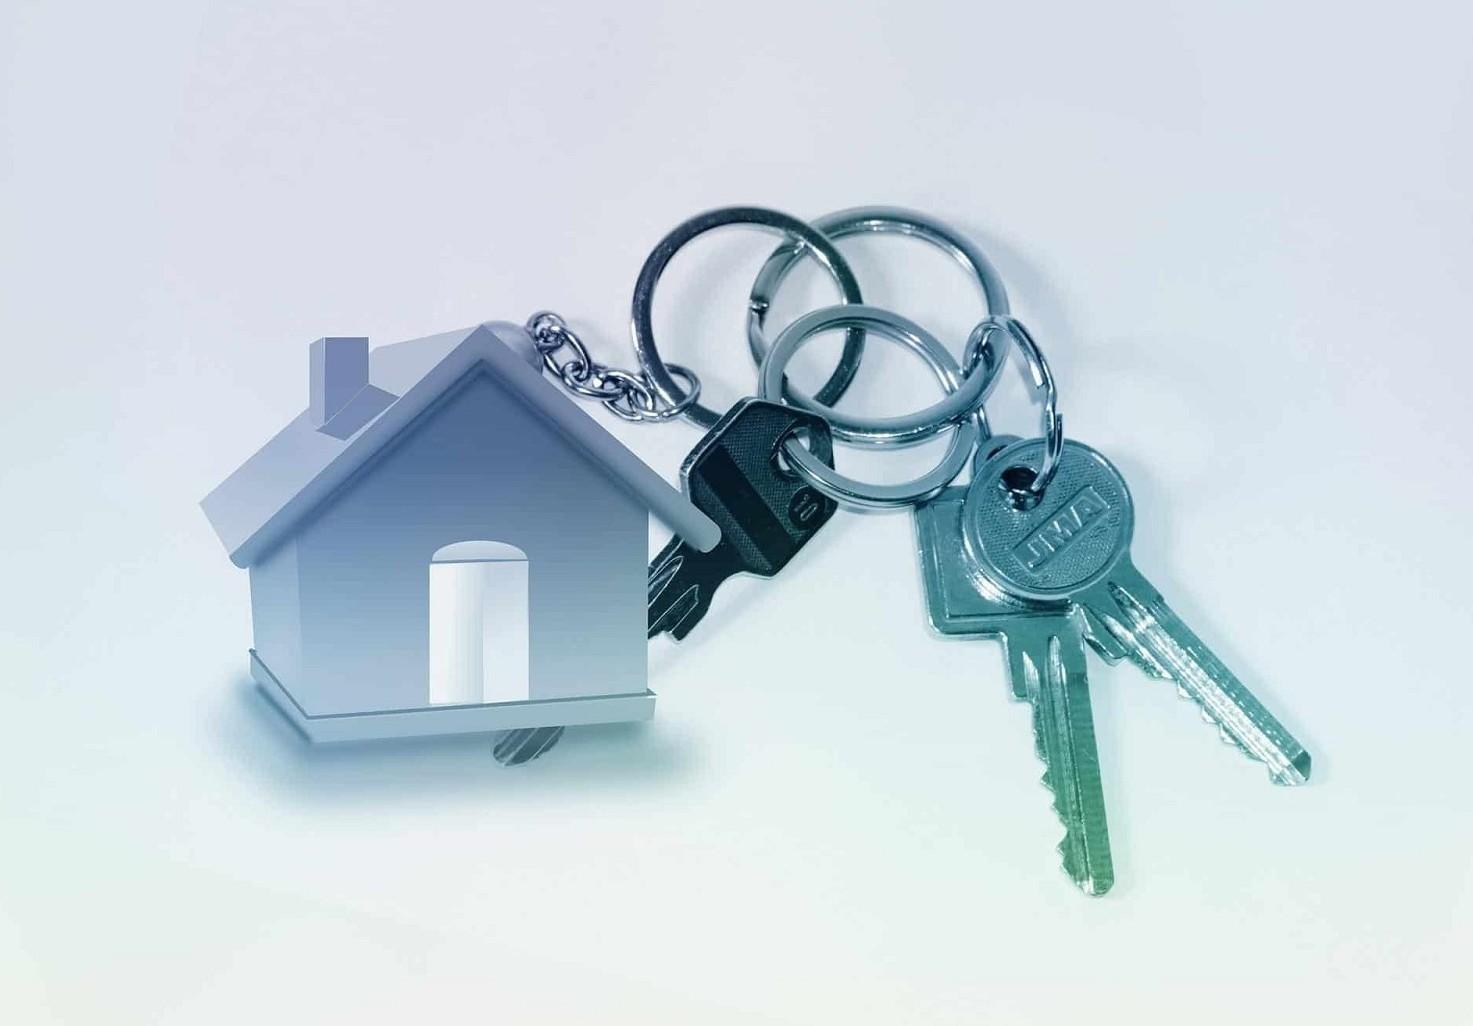 Pignoramento casa, regole e leggi aggiornate con ultime sentenze Cassazione più importanti